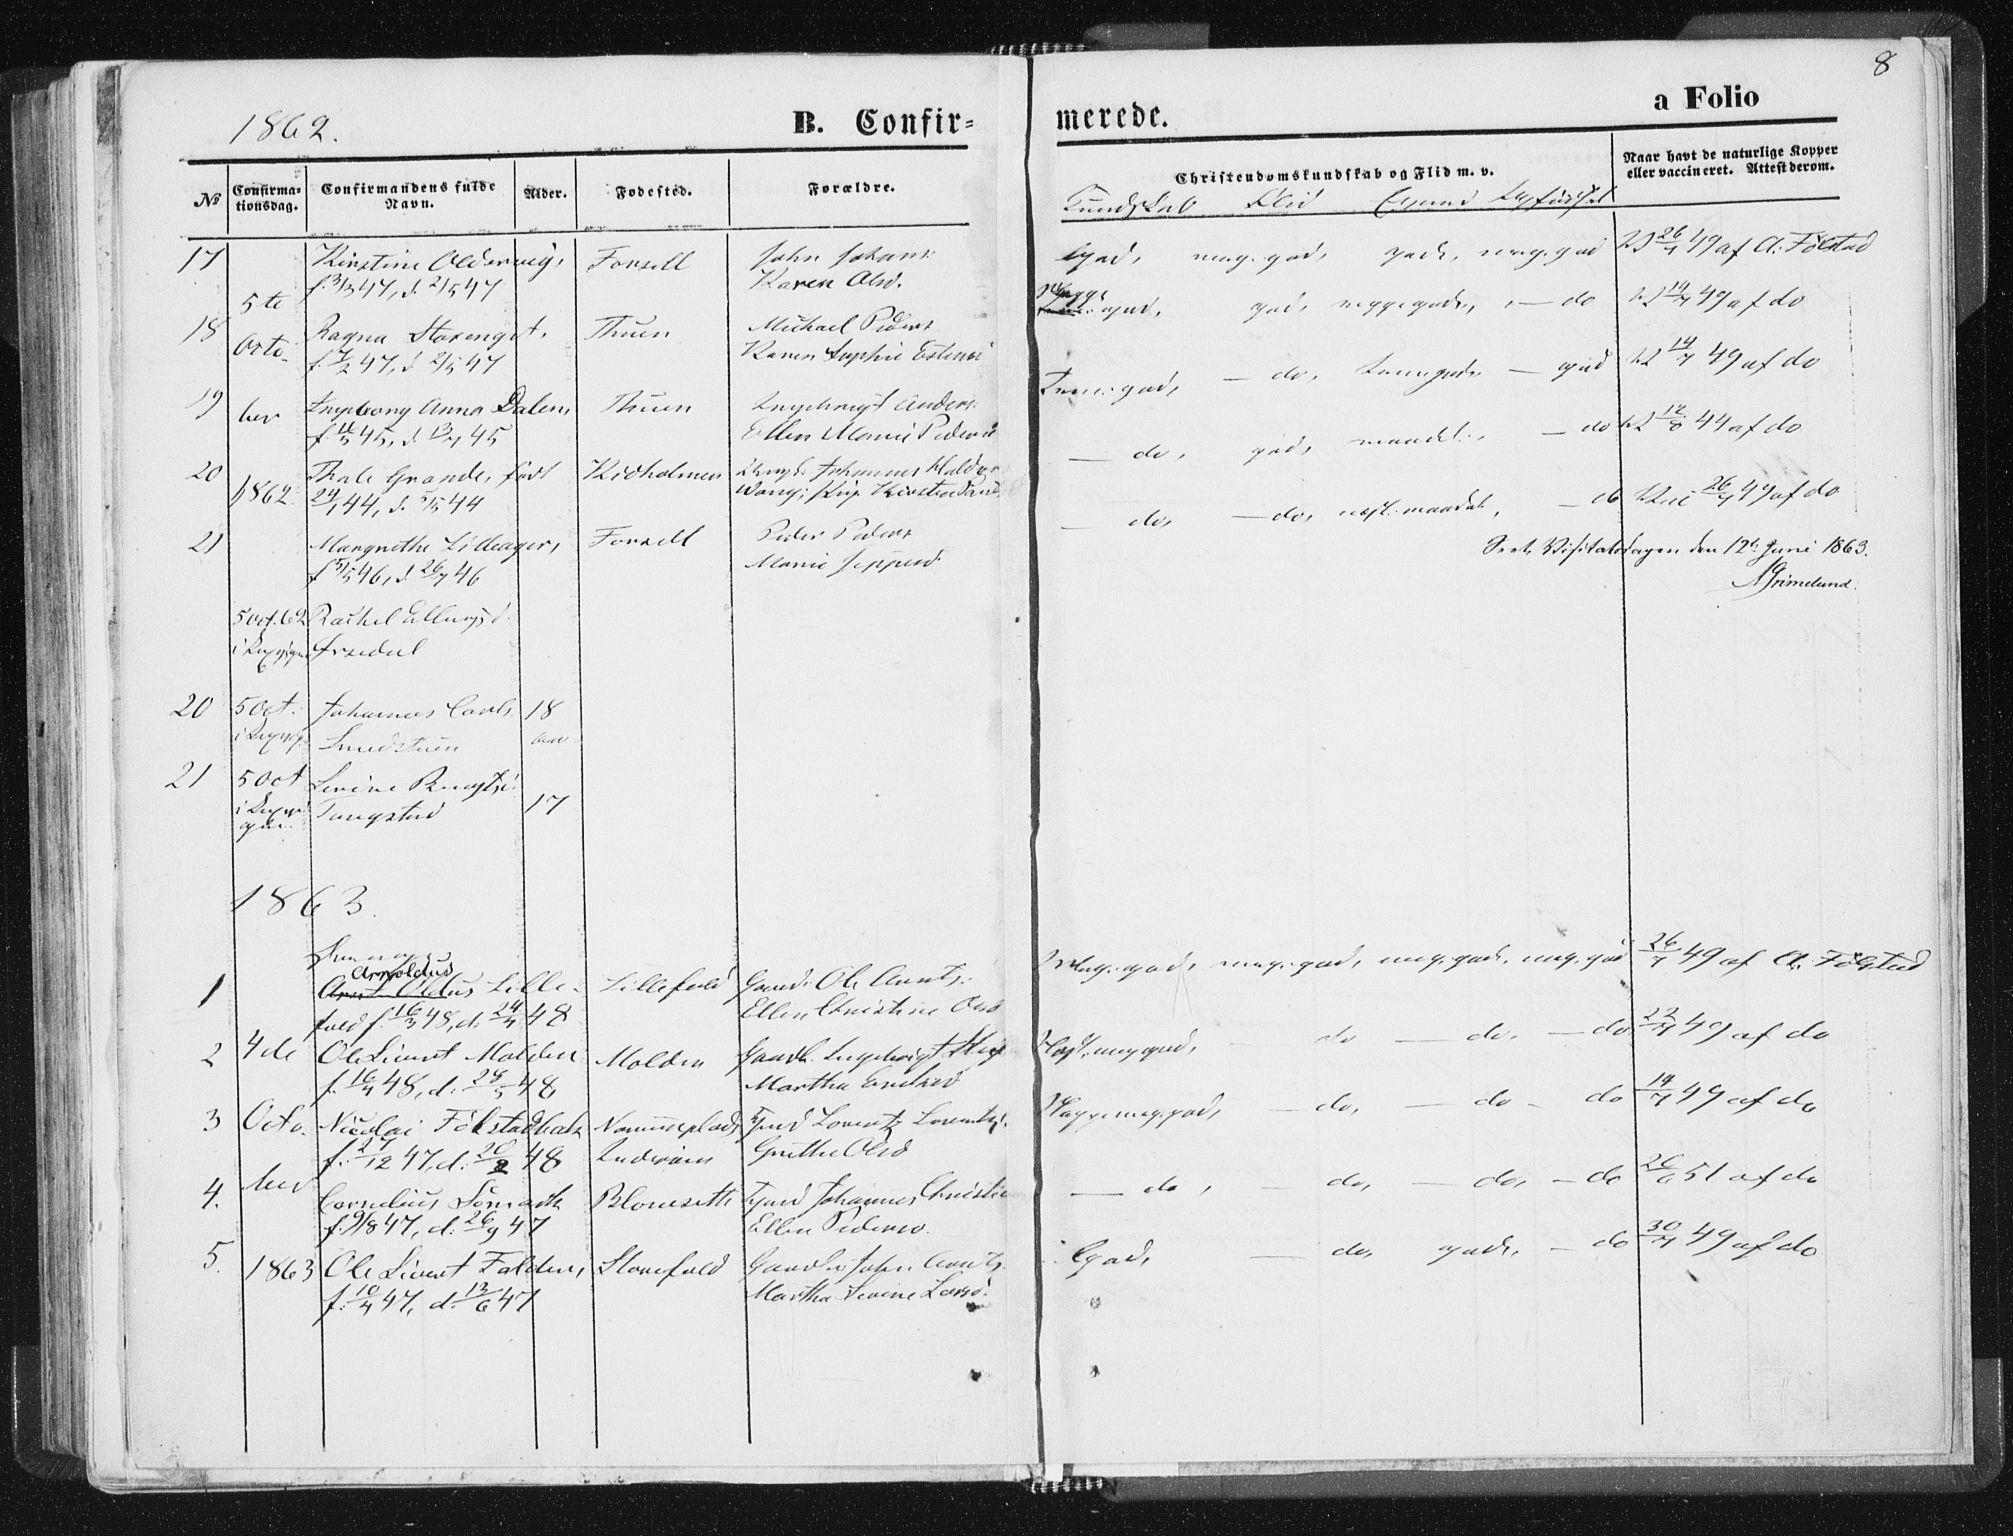 SAT, Ministerialprotokoller, klokkerbøker og fødselsregistre - Nord-Trøndelag, 744/L0418: Ministerialbok nr. 744A02, 1843-1866, s. 8